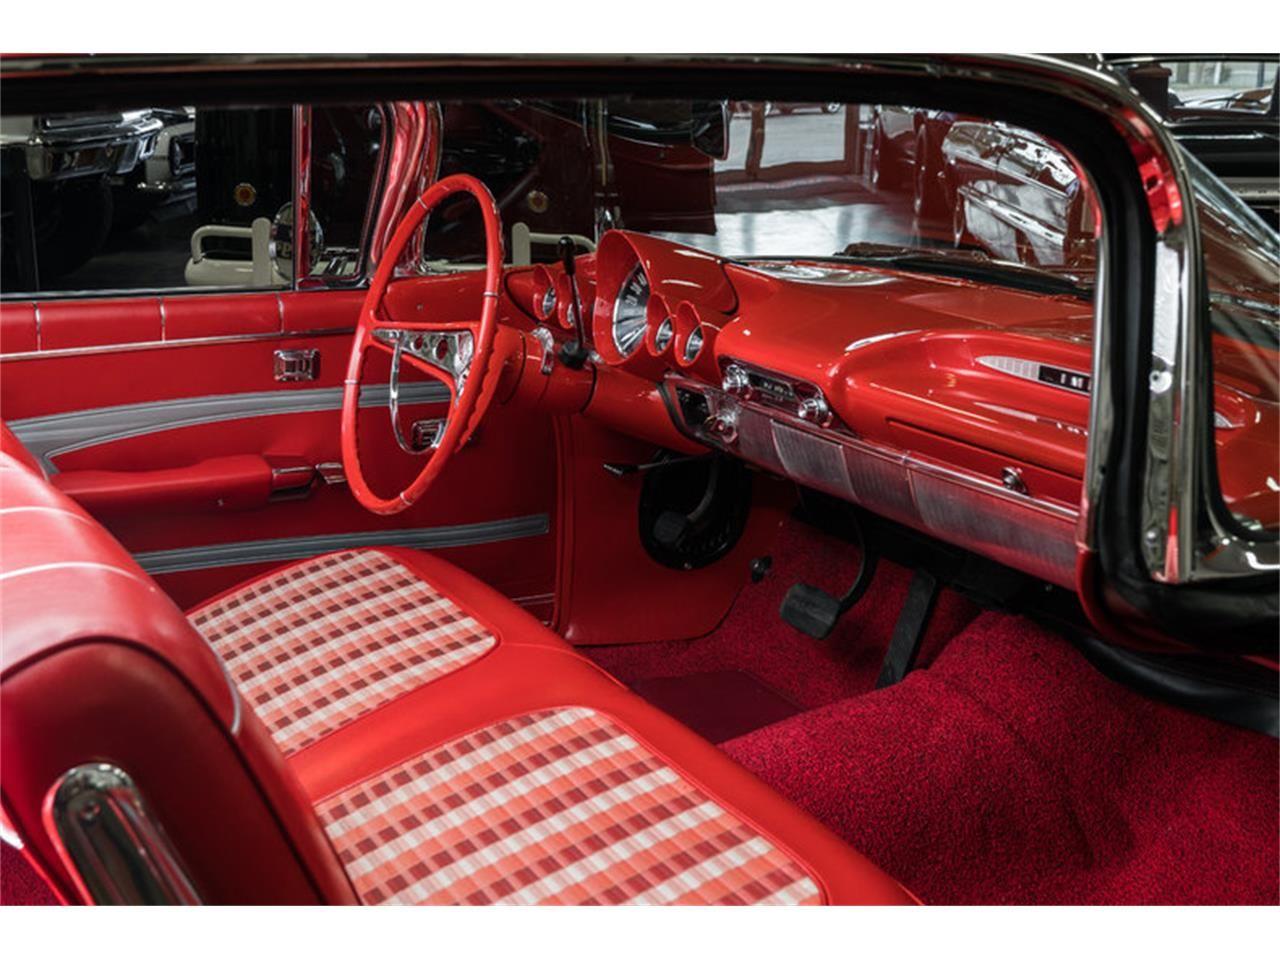 1959 Chevrolet Impala With Images Chevrolet Impala Impala Chevrolet